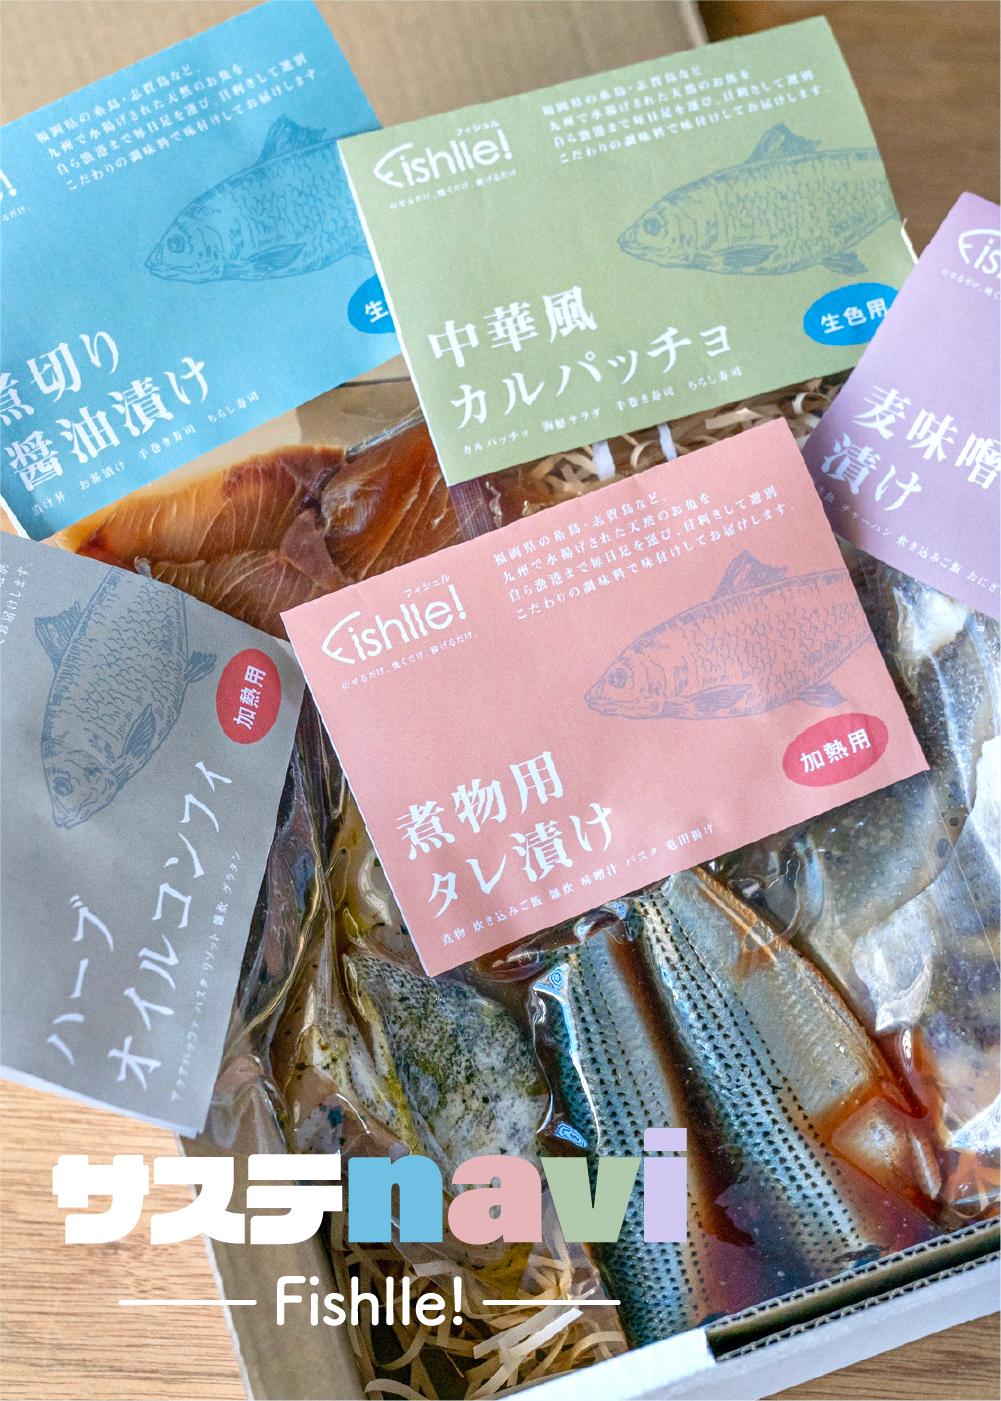 """本当は食べられる""""未利用魚""""を手軽なミールパックにして販売"""